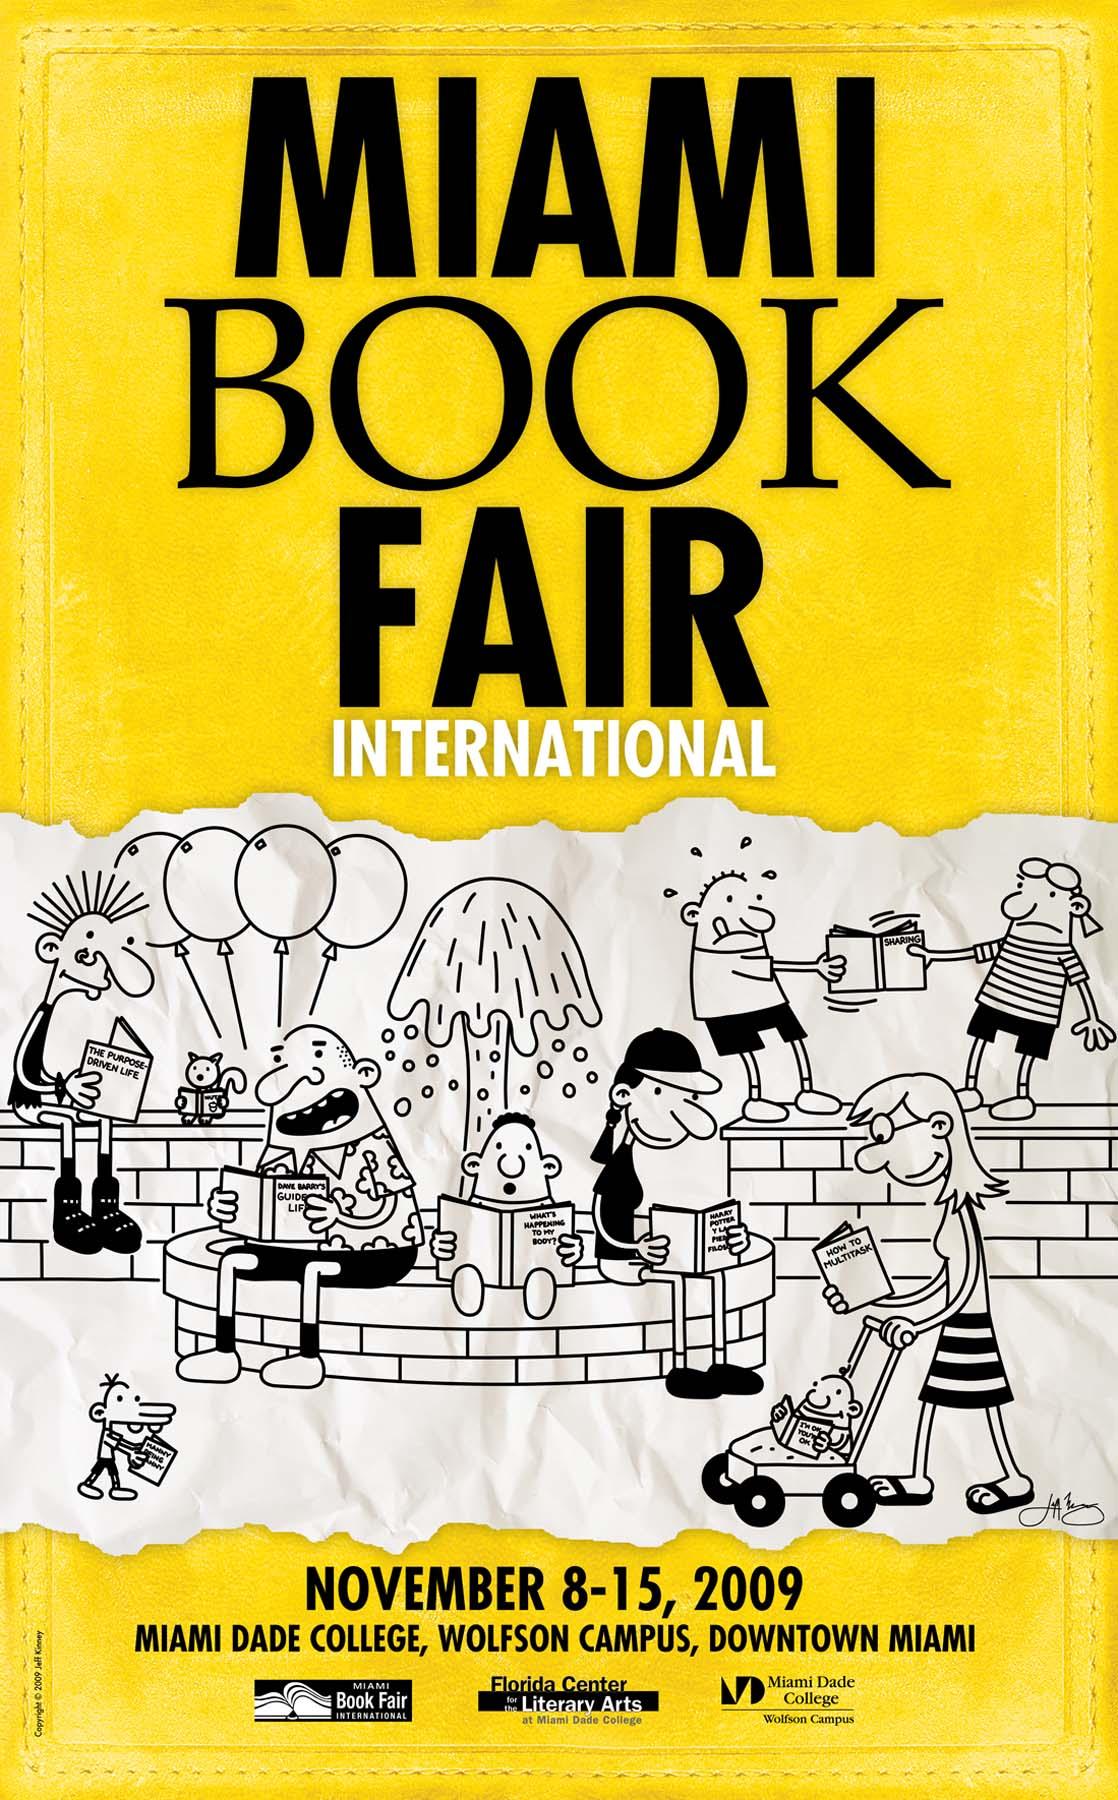 miami_book_fair_poster